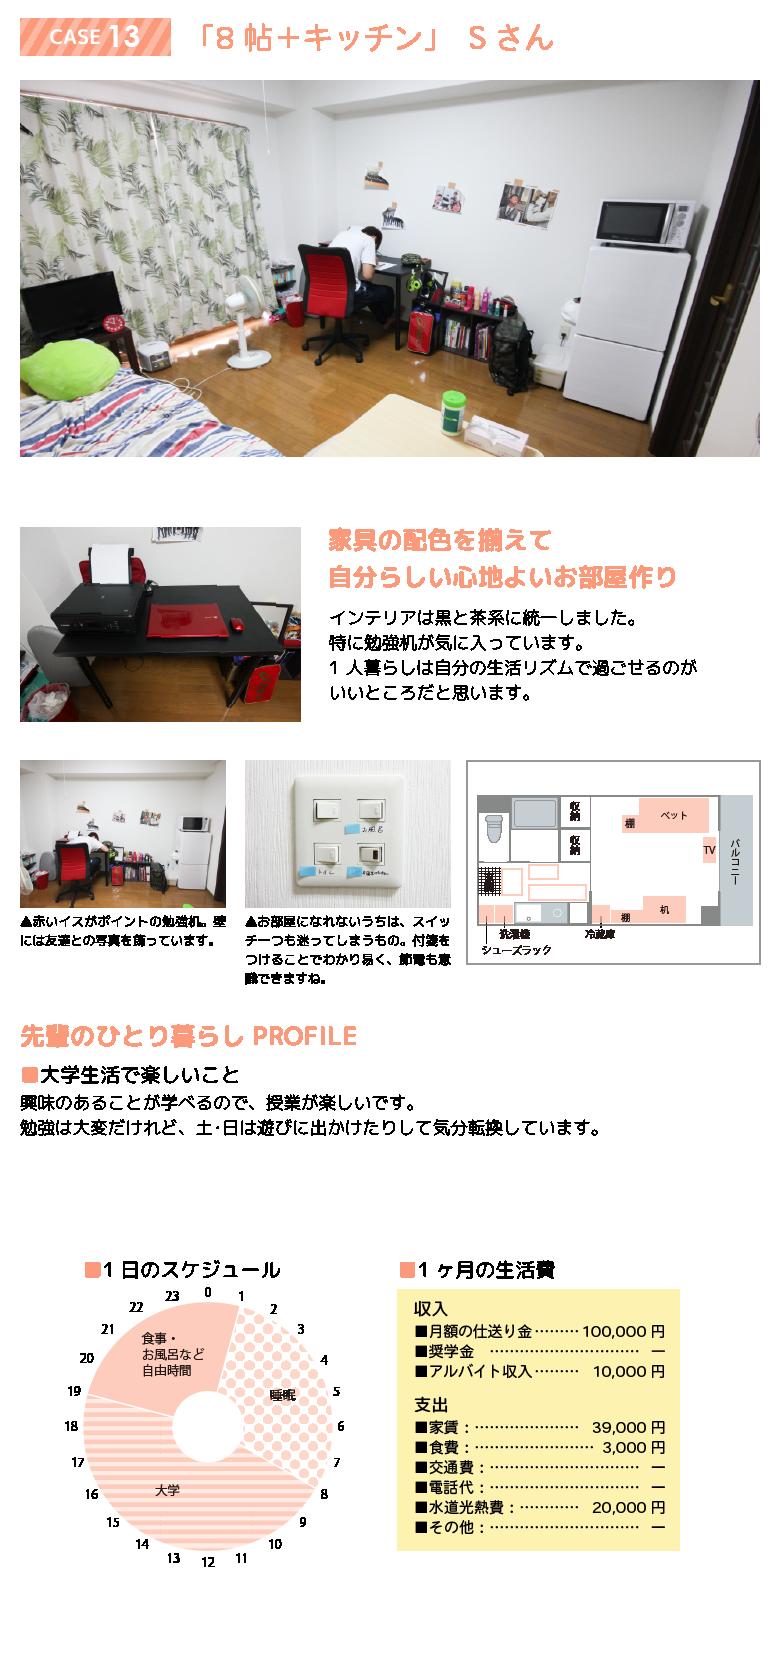 先輩のお部屋 case13